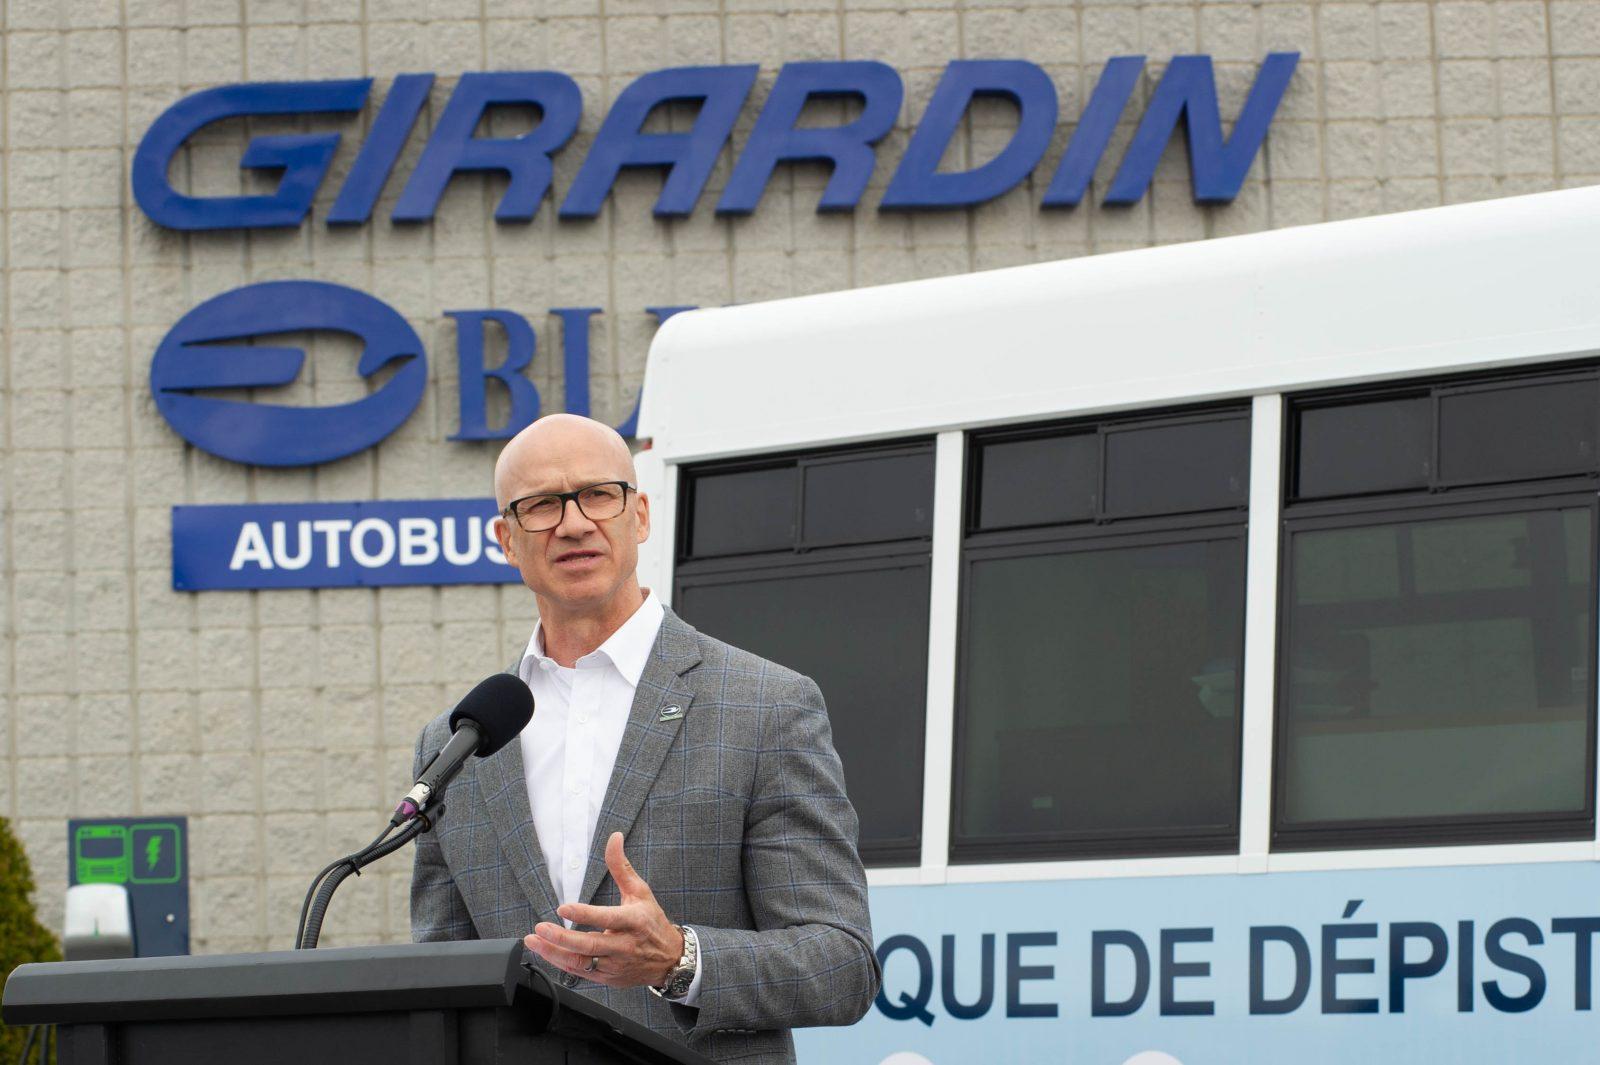 Girardin déploiera 1200 autobus électriques au Québec